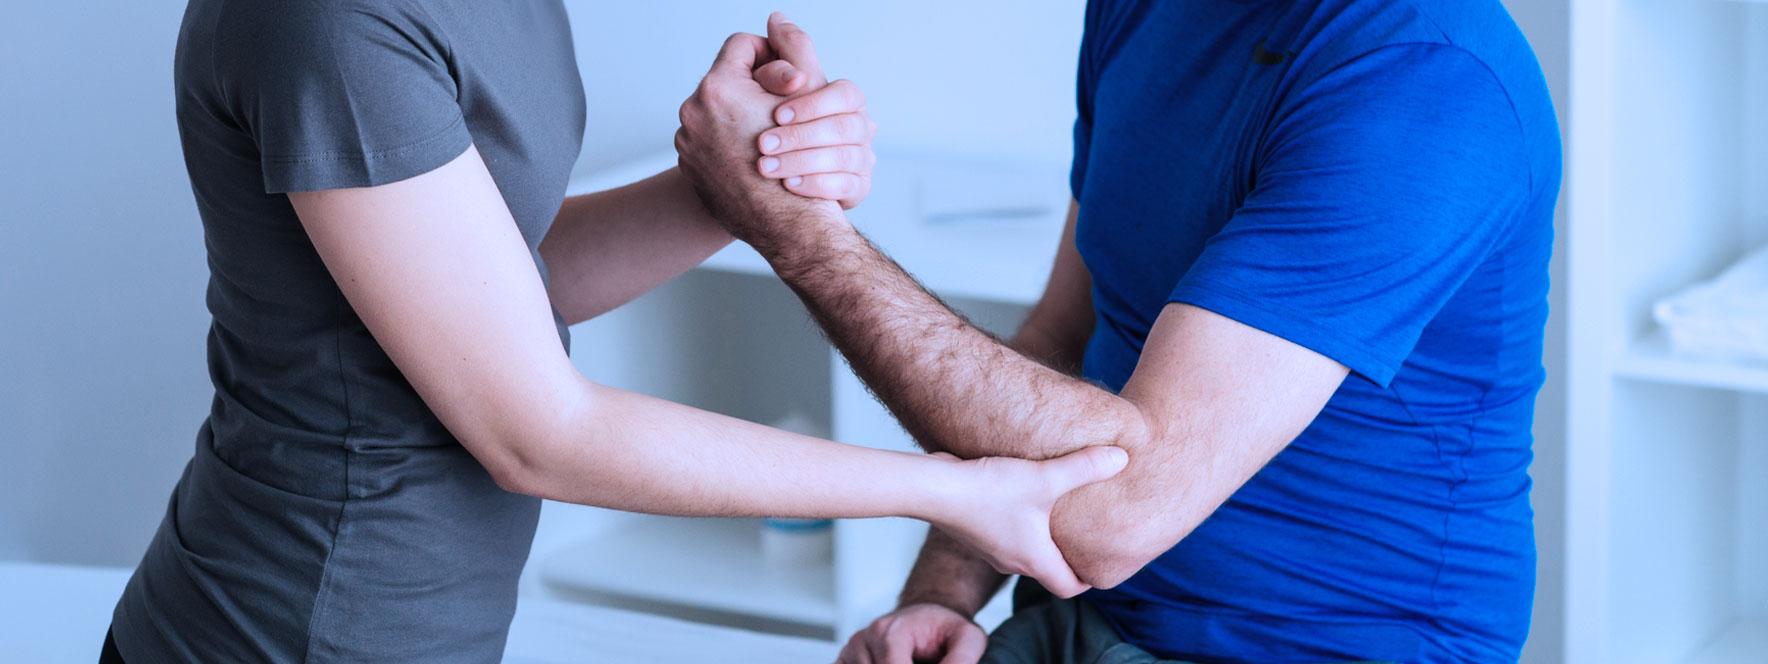 Homme se fait masser le coude les LATR par l'orthothérapie